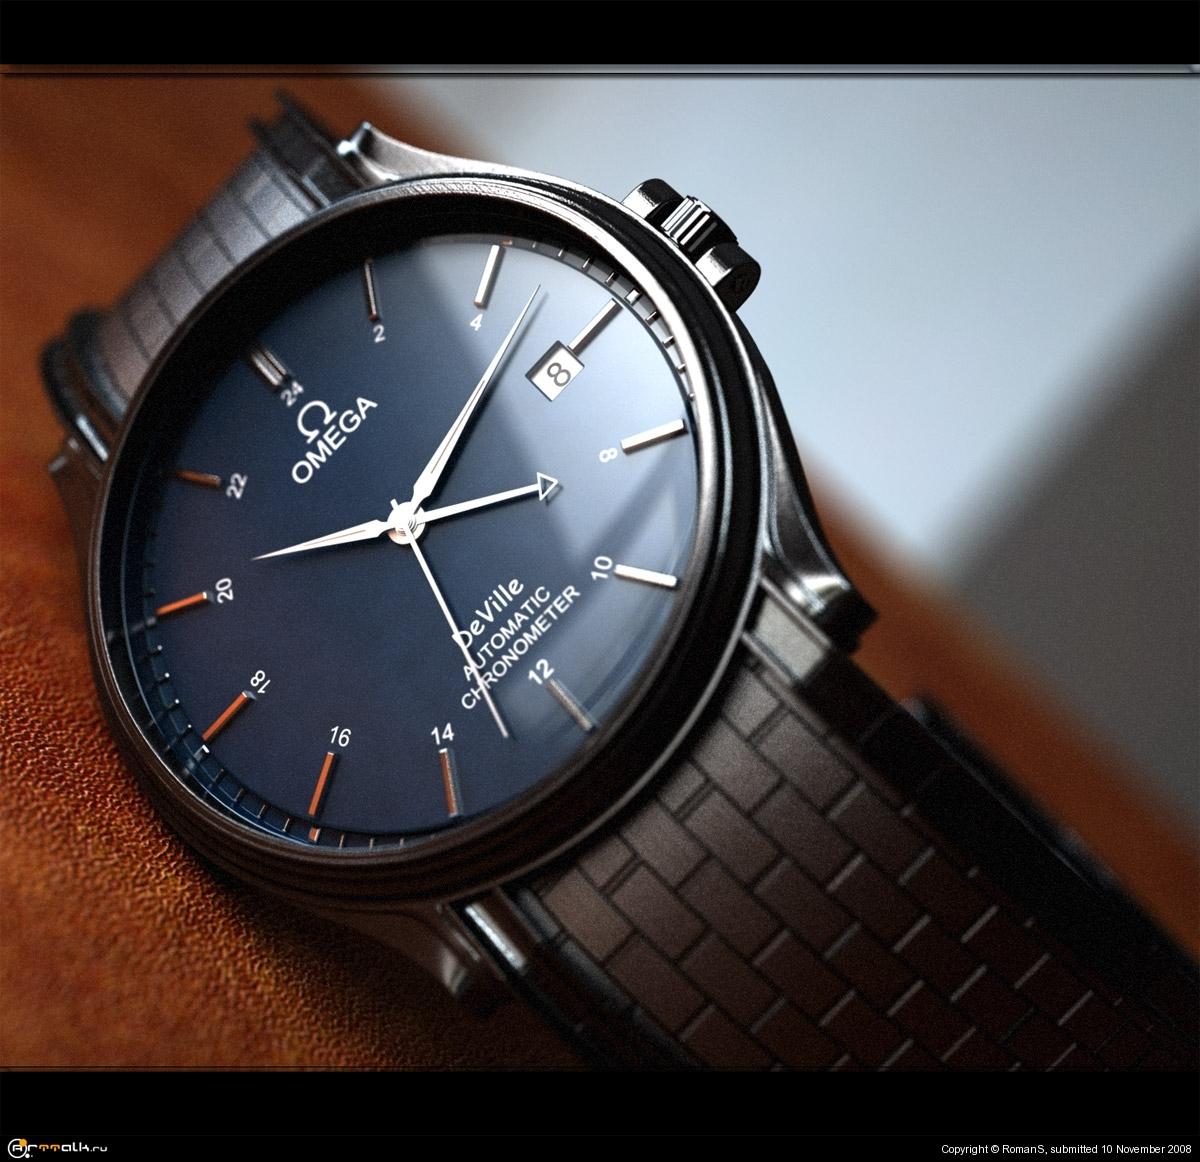 Описание: SM30052.01 Мужские спортивные часы наручные хронограф с секундомером